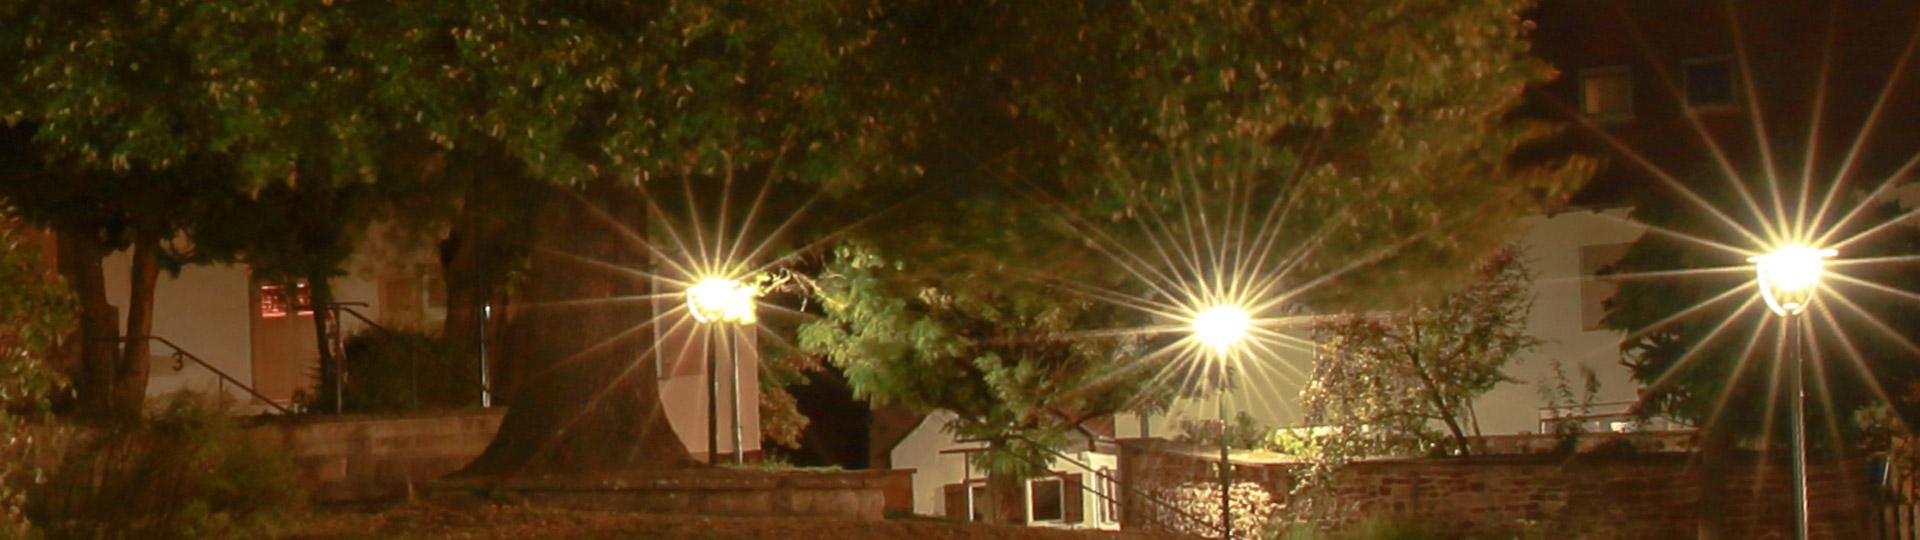 Ehningen bei Nacht, Strahlende Lichter